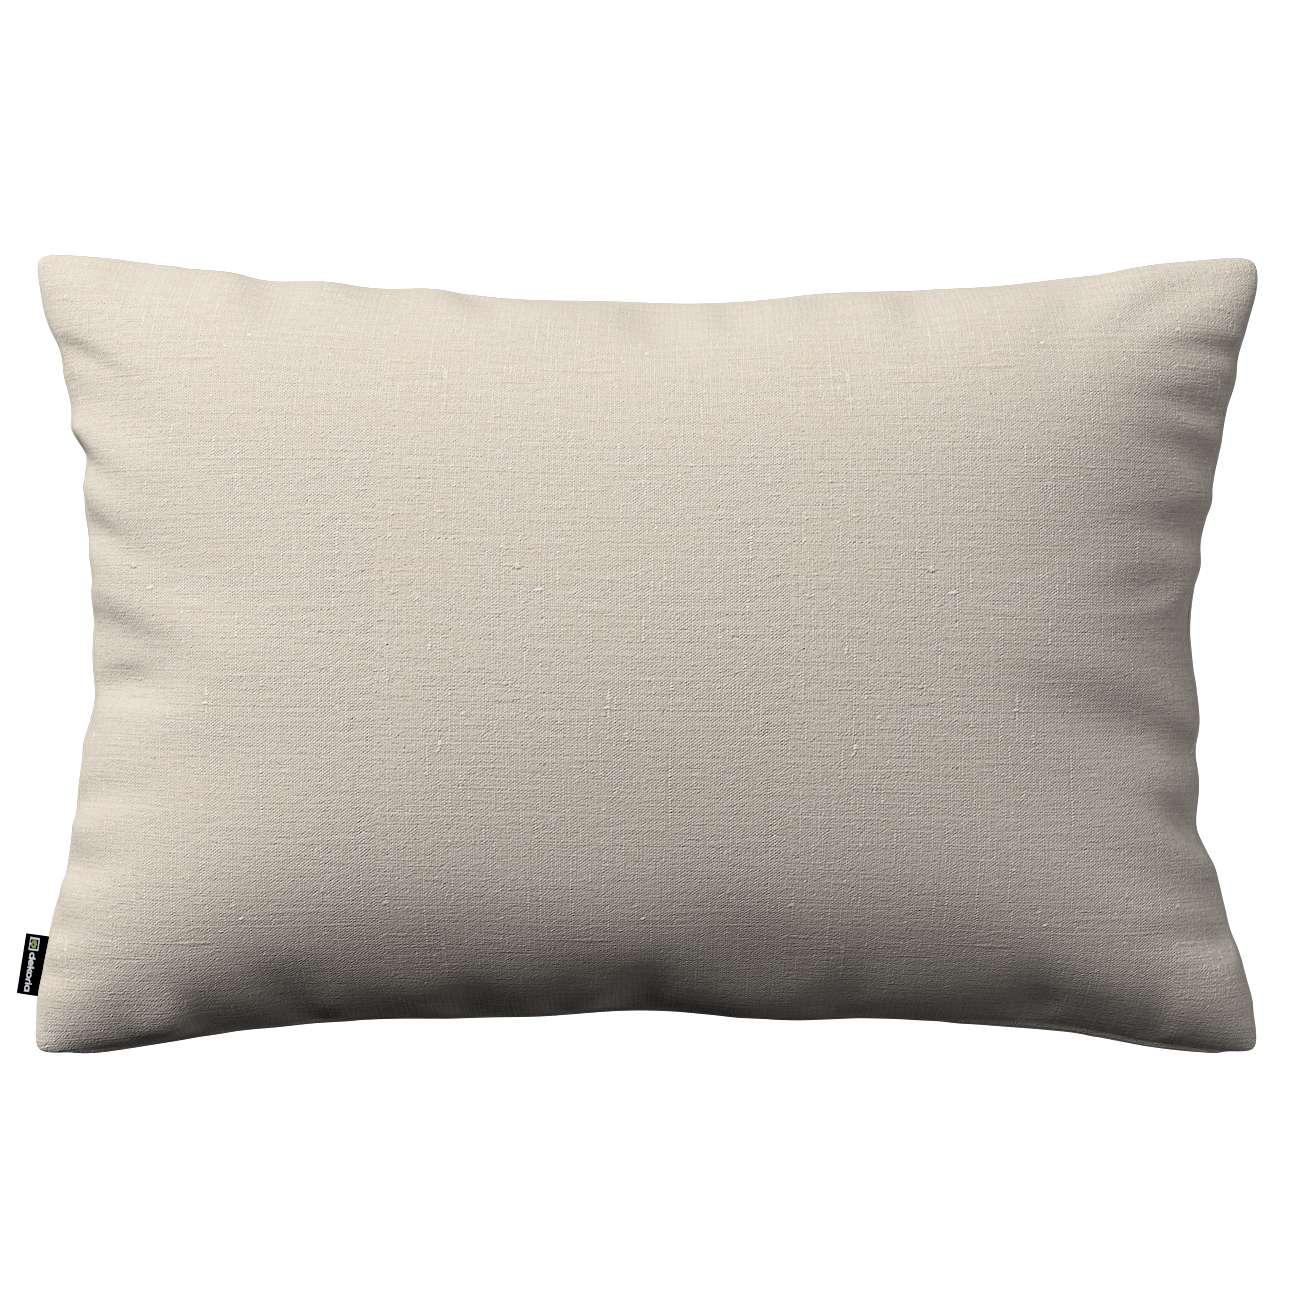 Poszewka Kinga na poduszkę prostokątną 60 x 40 cm w kolekcji Linen, tkanina: 392-05